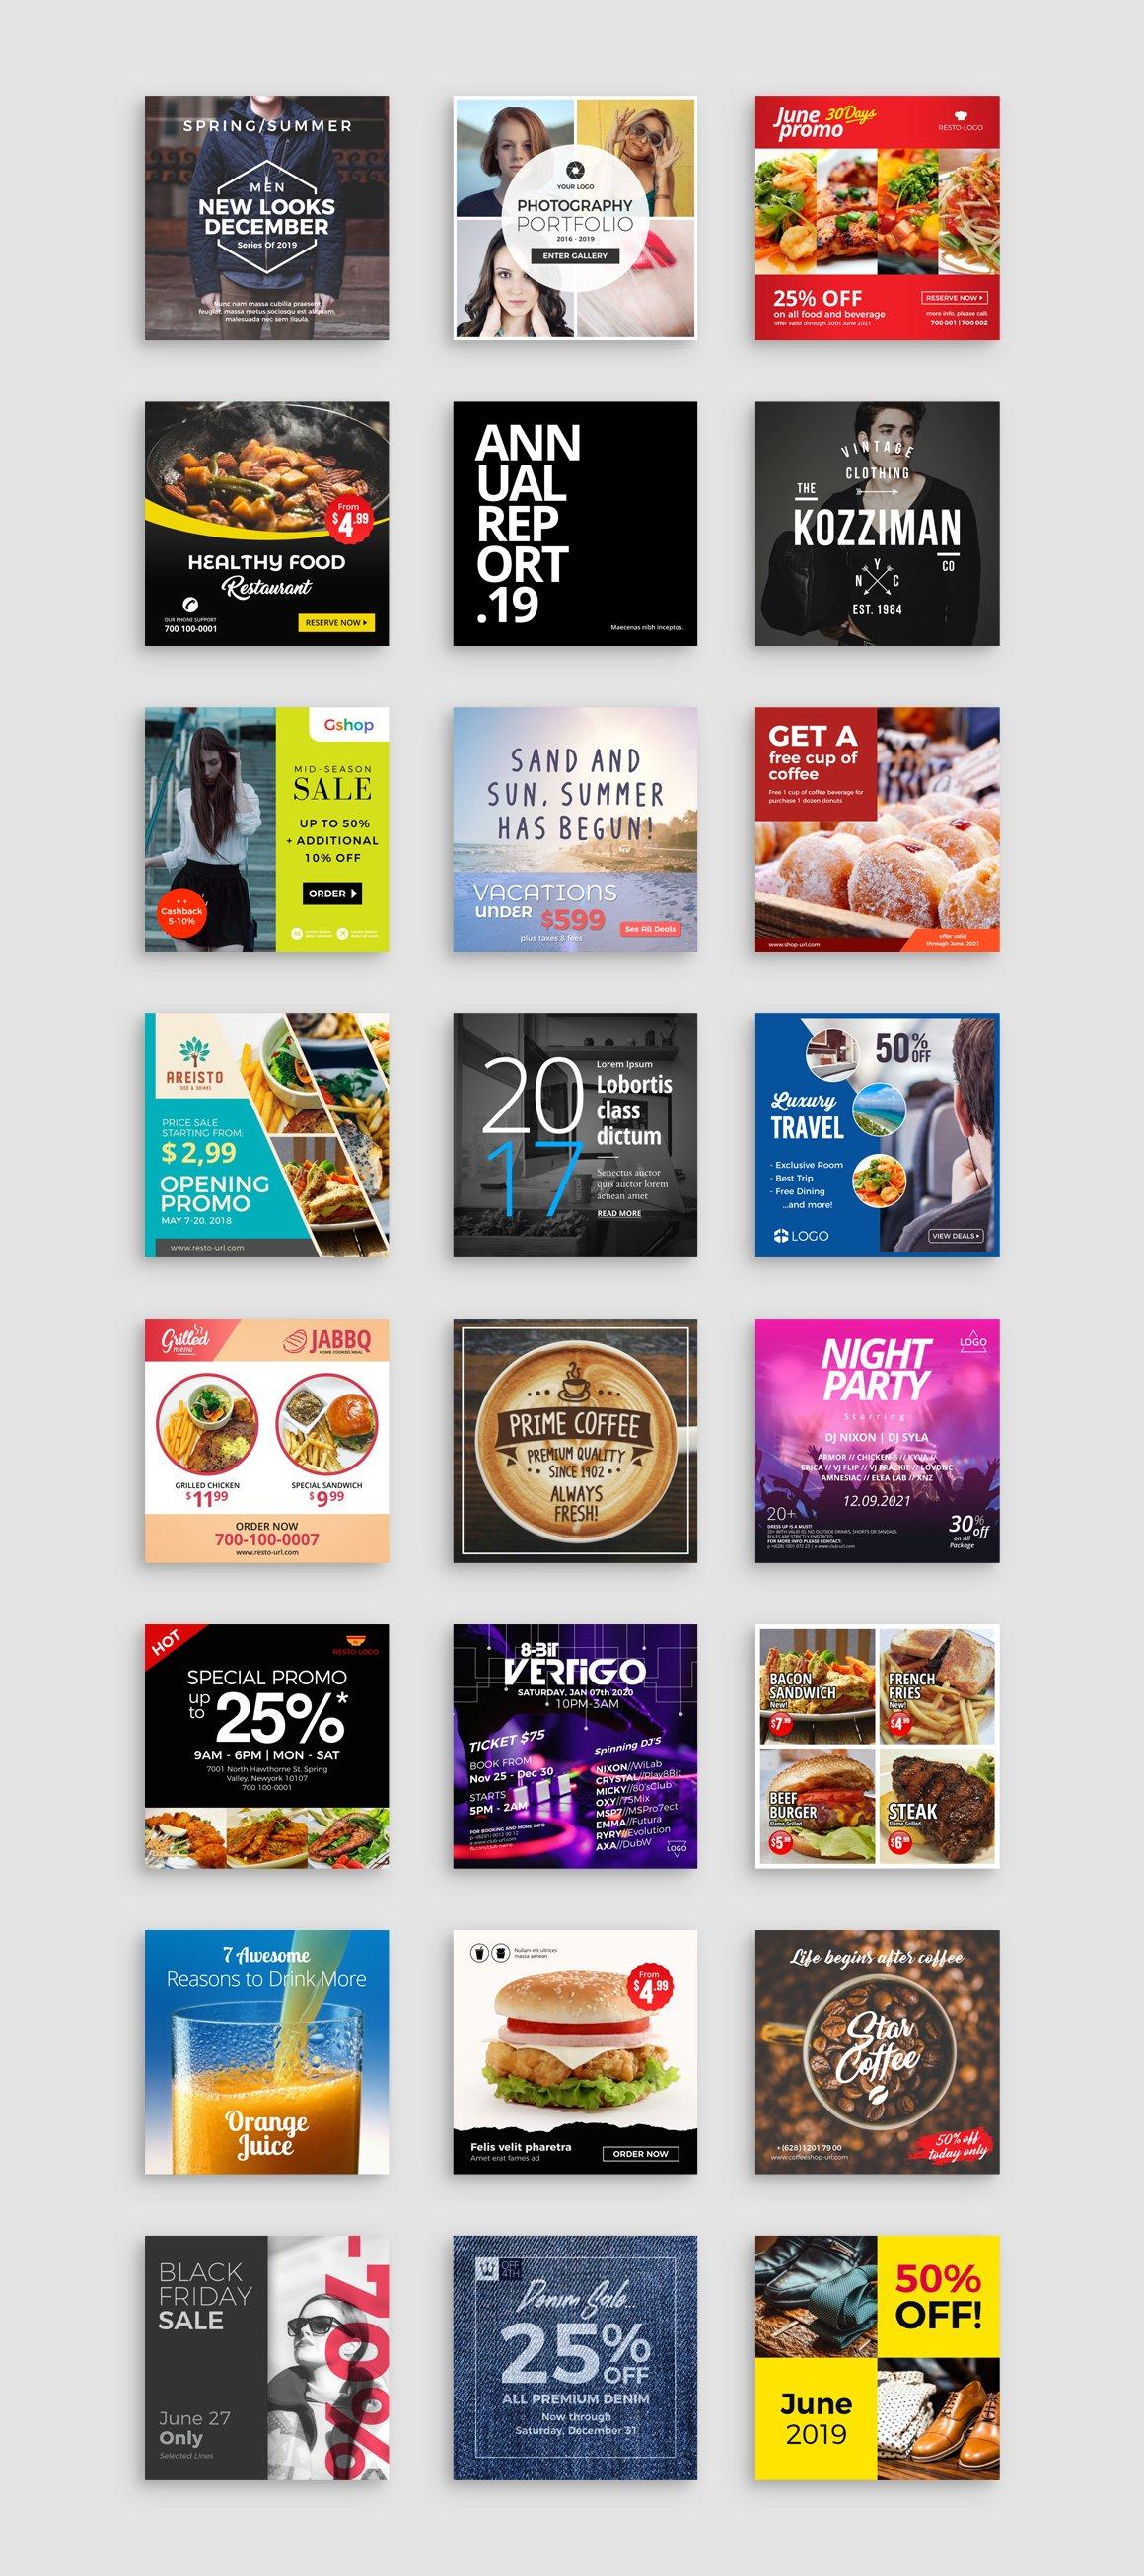 正方形社交营销微博微信朋友圈Instagram模板